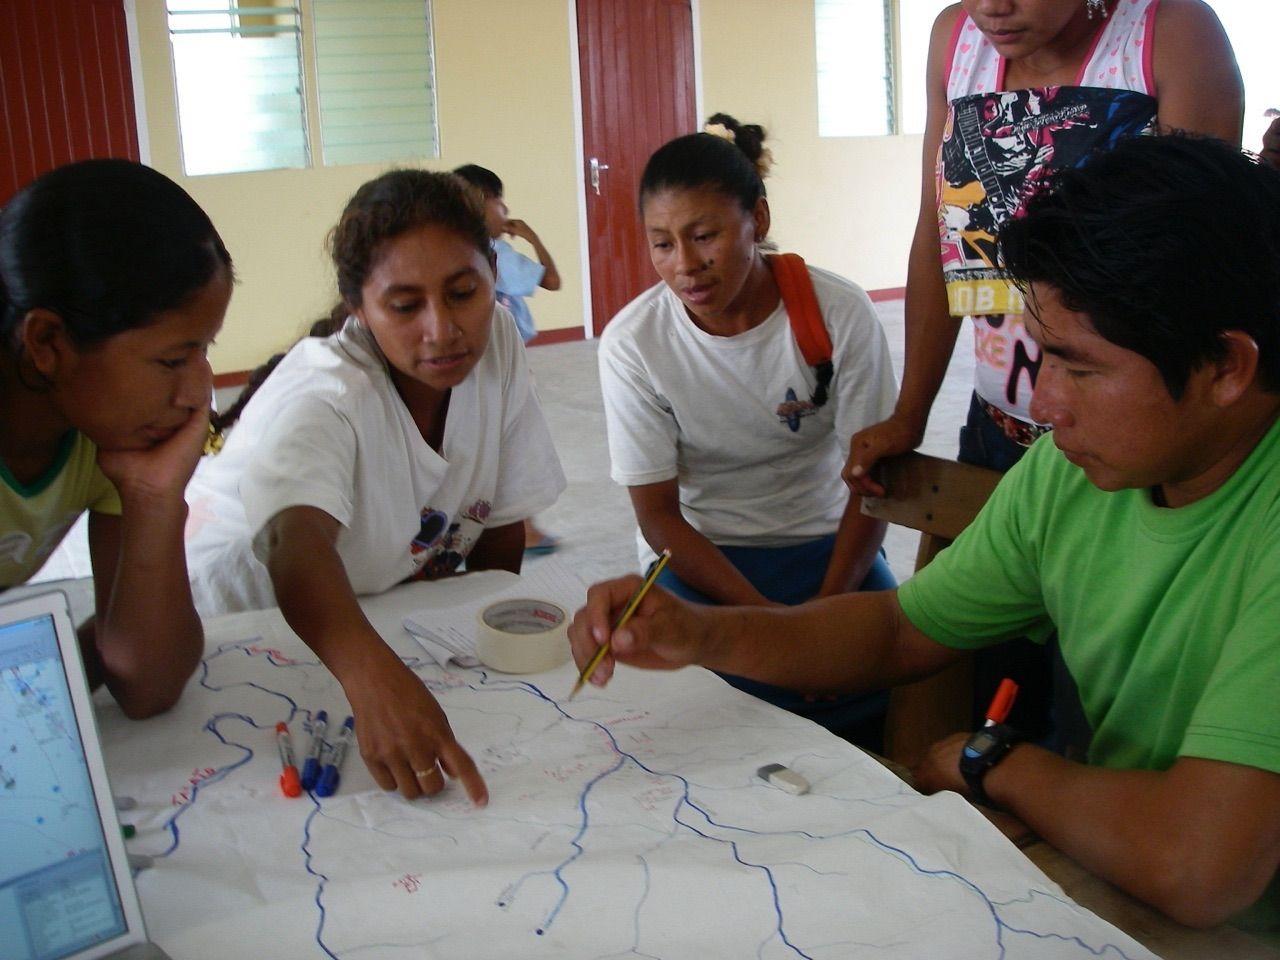 Wapichan drawing a sketch map